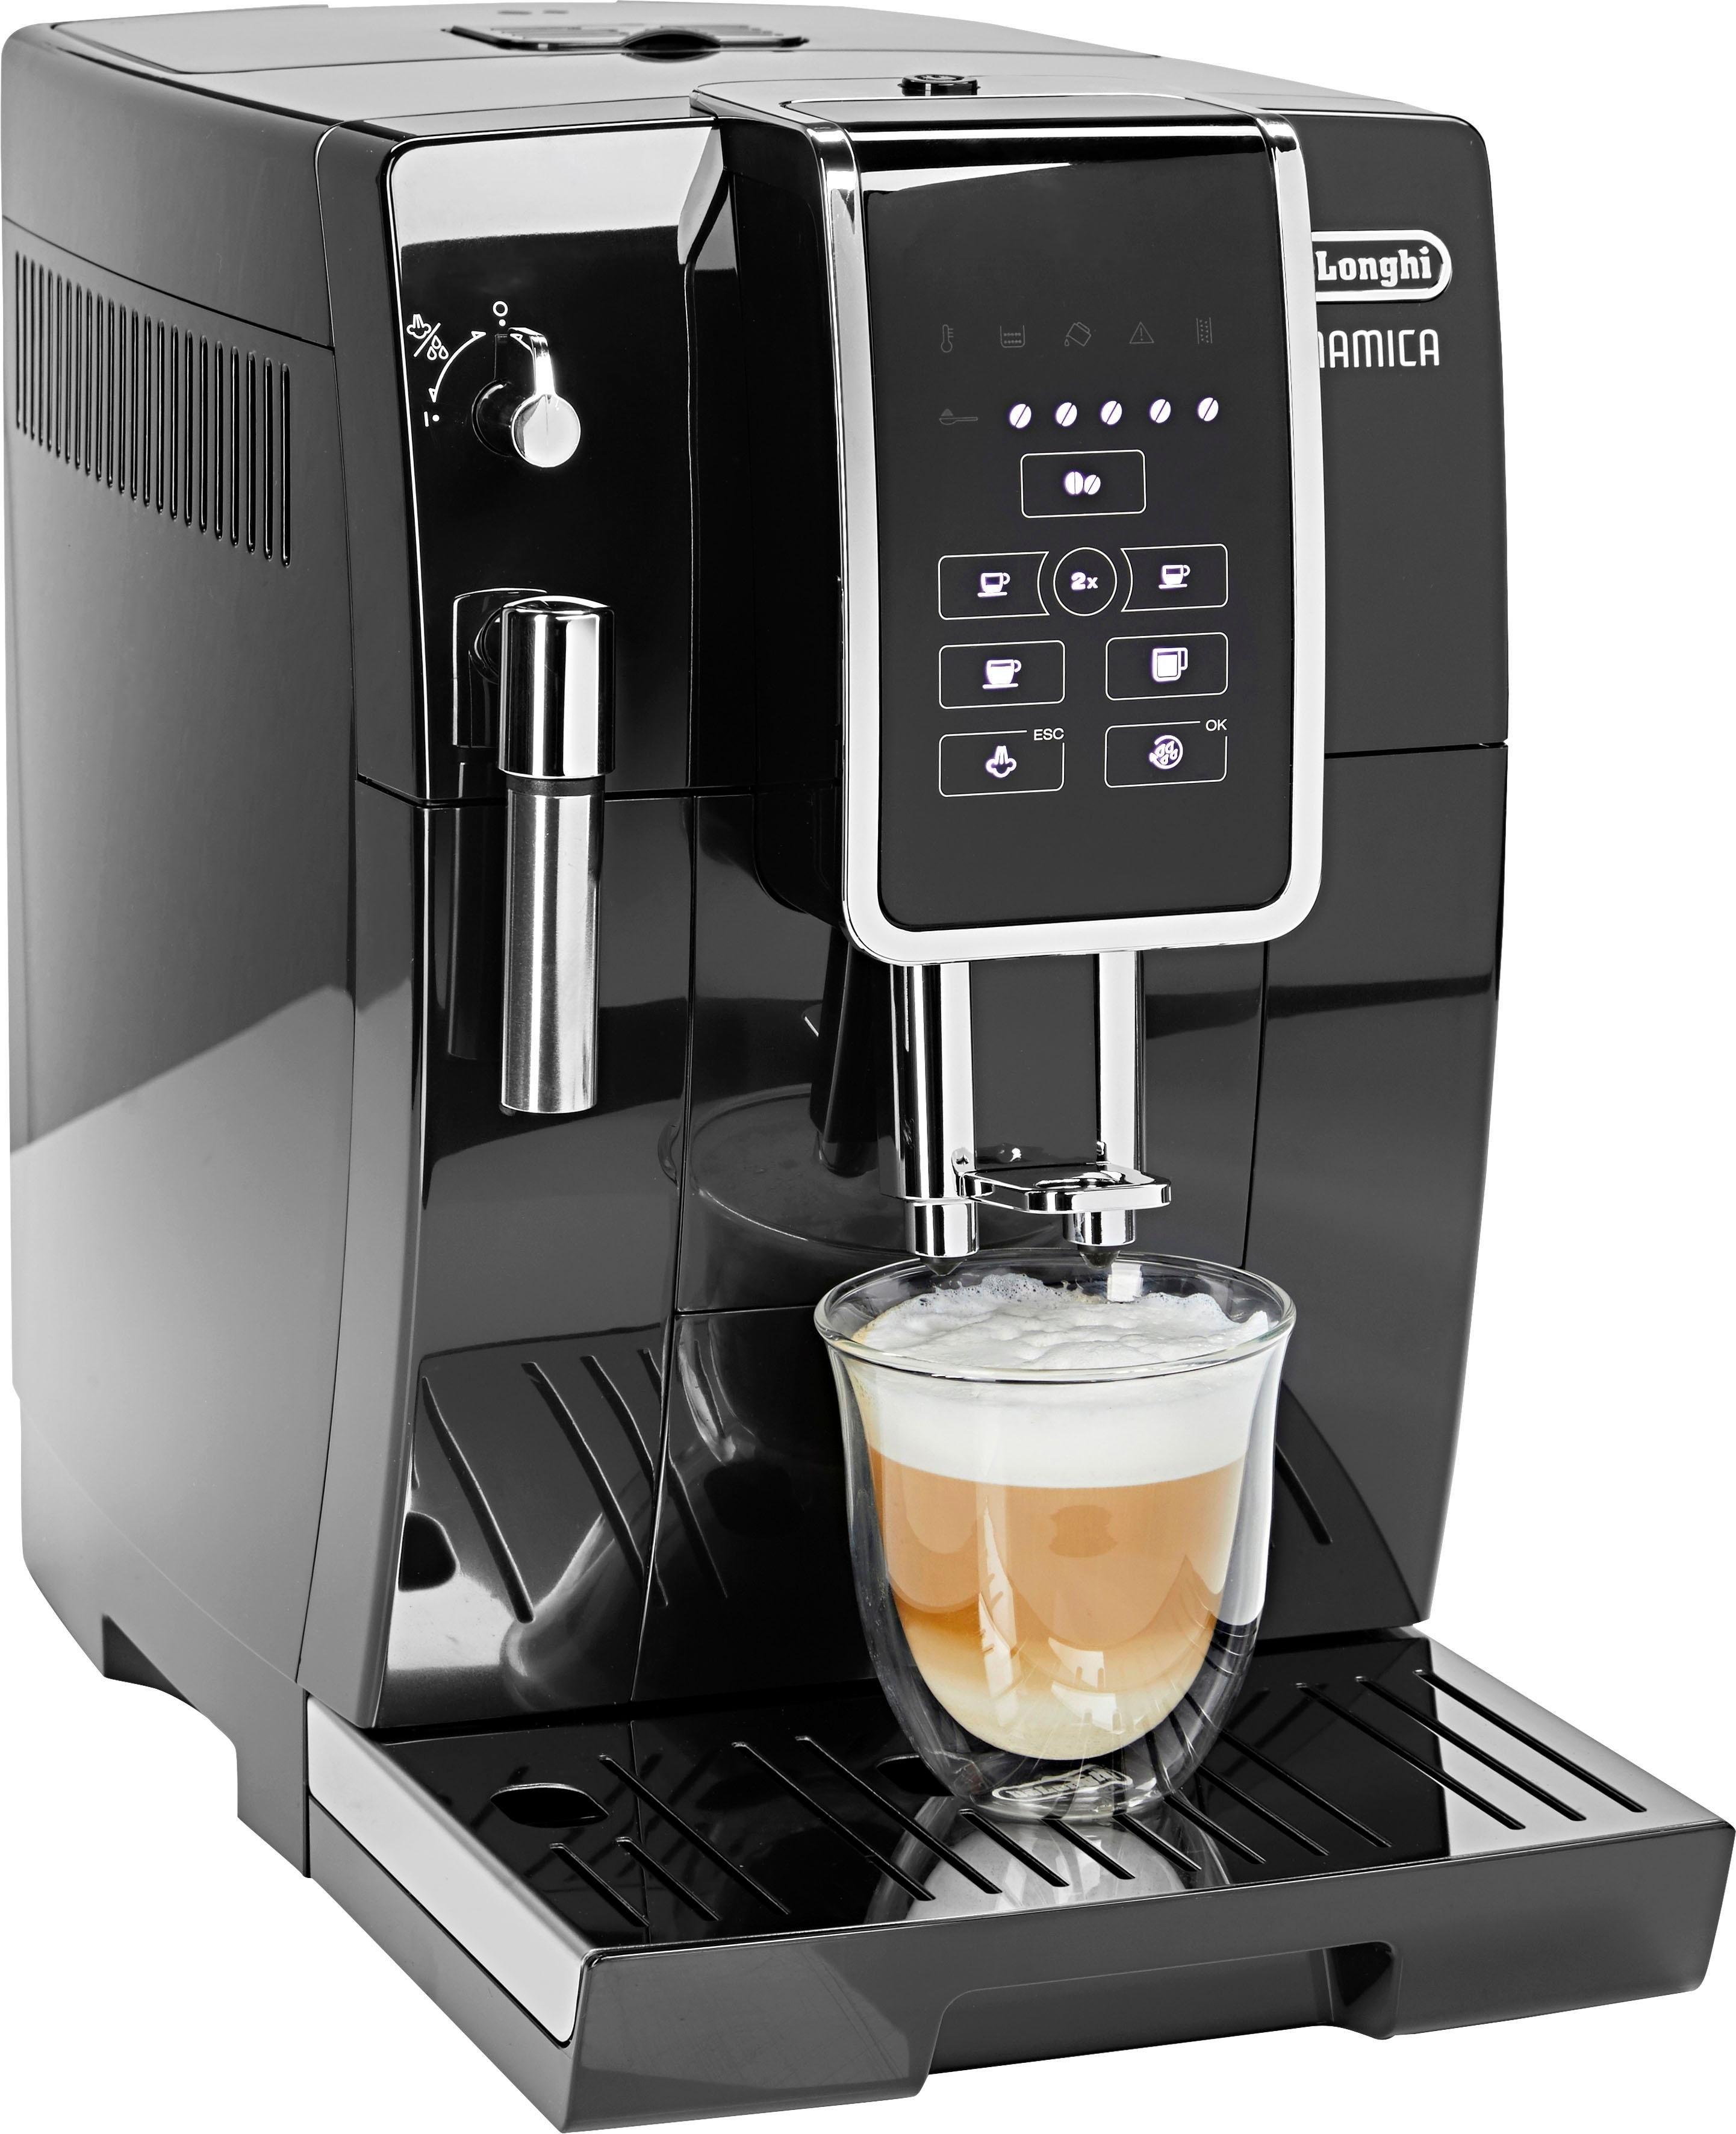 Op zoek naar een De'longhi Delonghi volautomatisch koffiezetapparaat Dinamica ECAM 350.15.B, zwart? Koop online bij OTTO